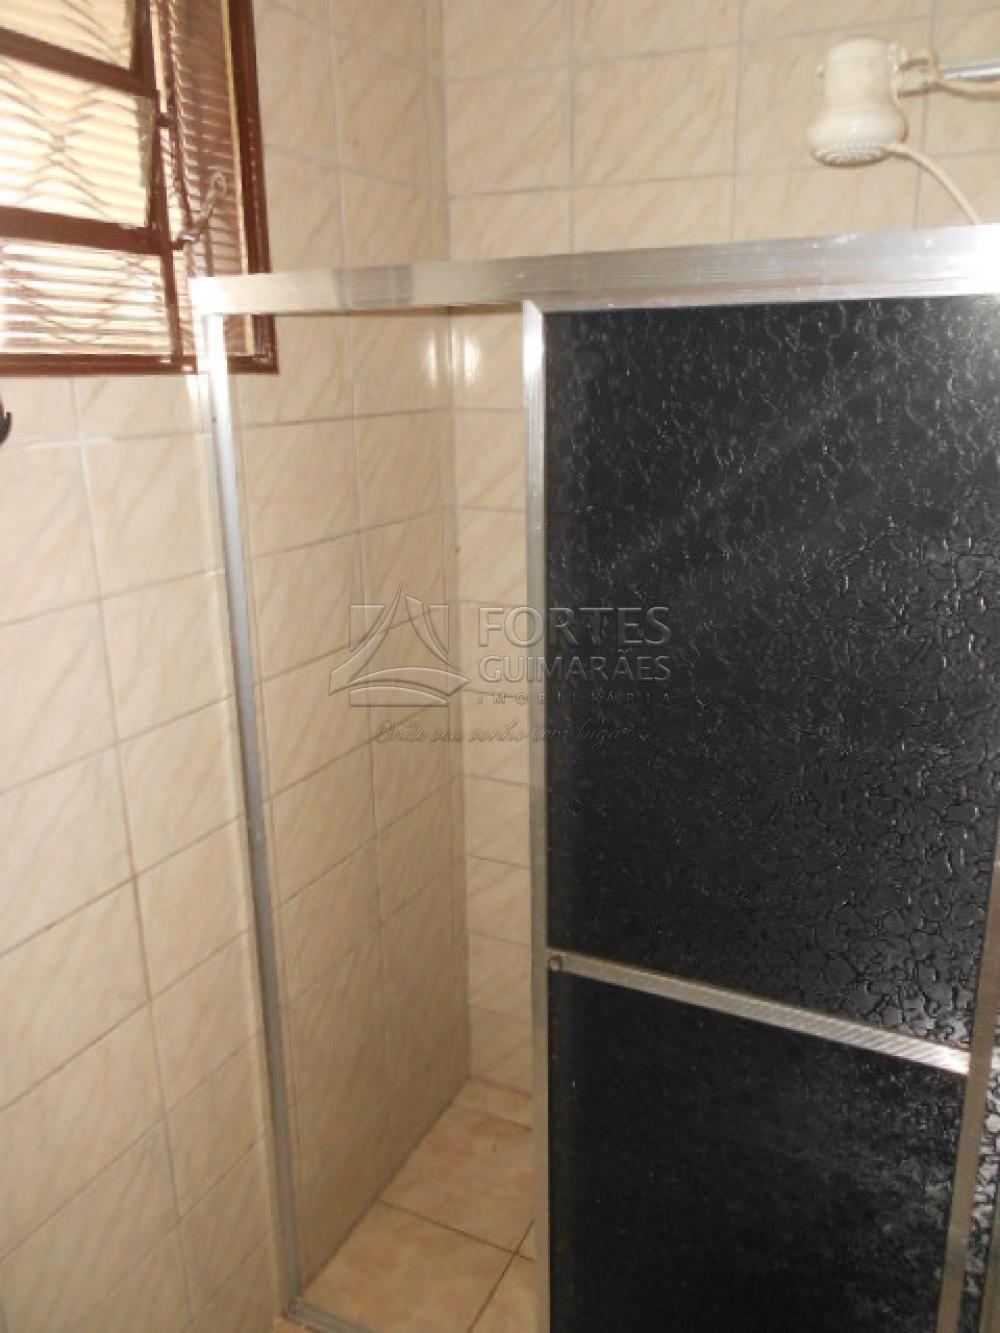 Alugar Casas / Padrão em Ribeirão Preto apenas R$ 950,00 - Foto 21